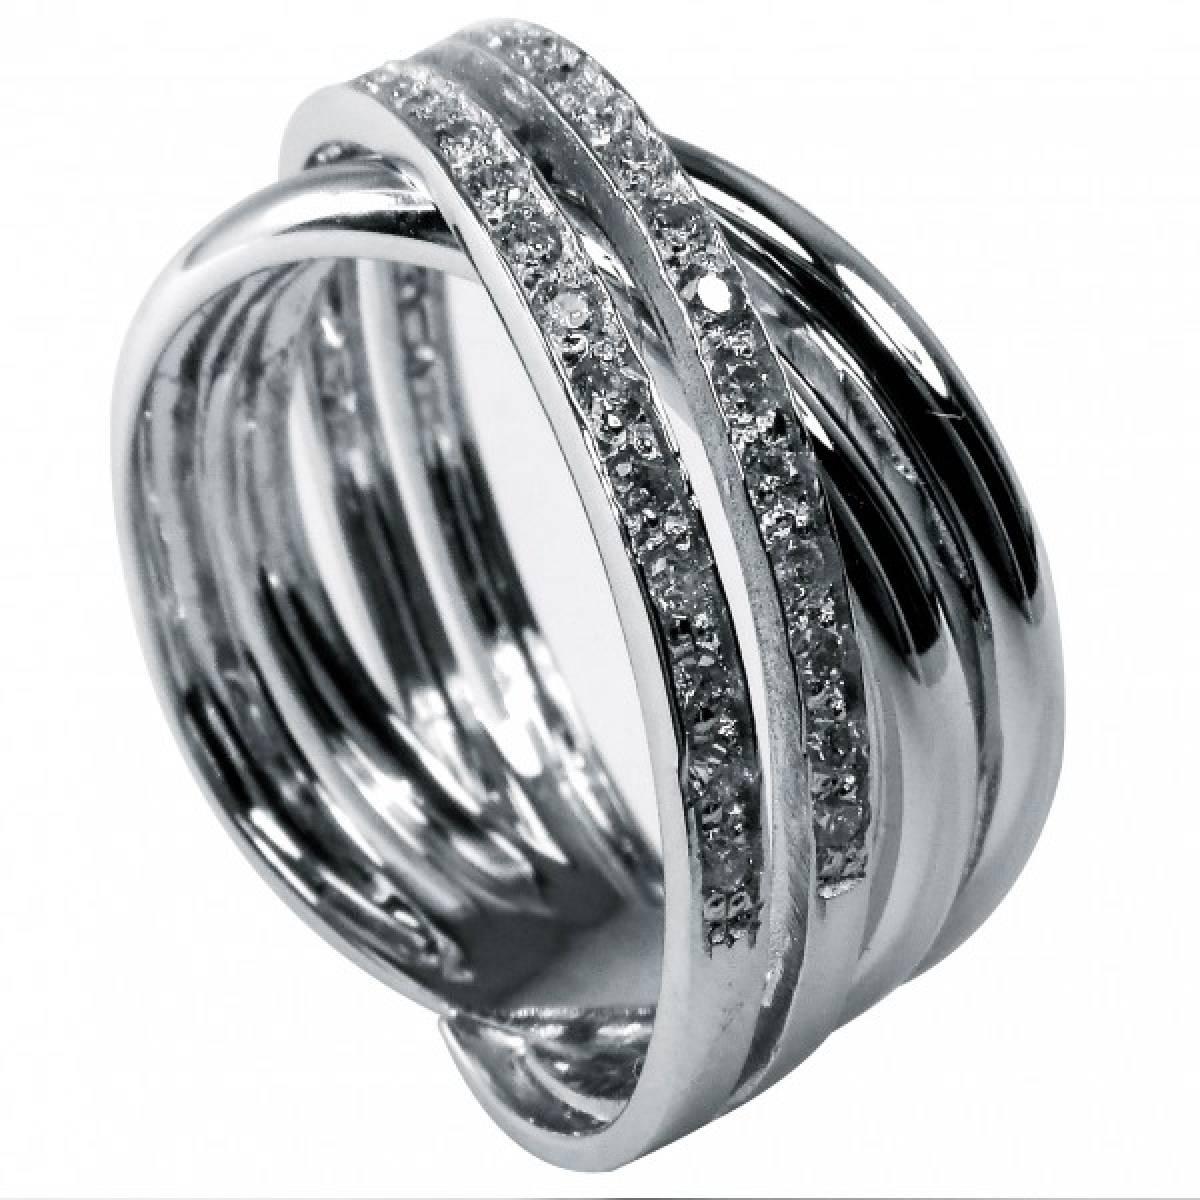 Anel de Noivado com Diamantes ou Safiras em Ouro Branco de 19,2 kts